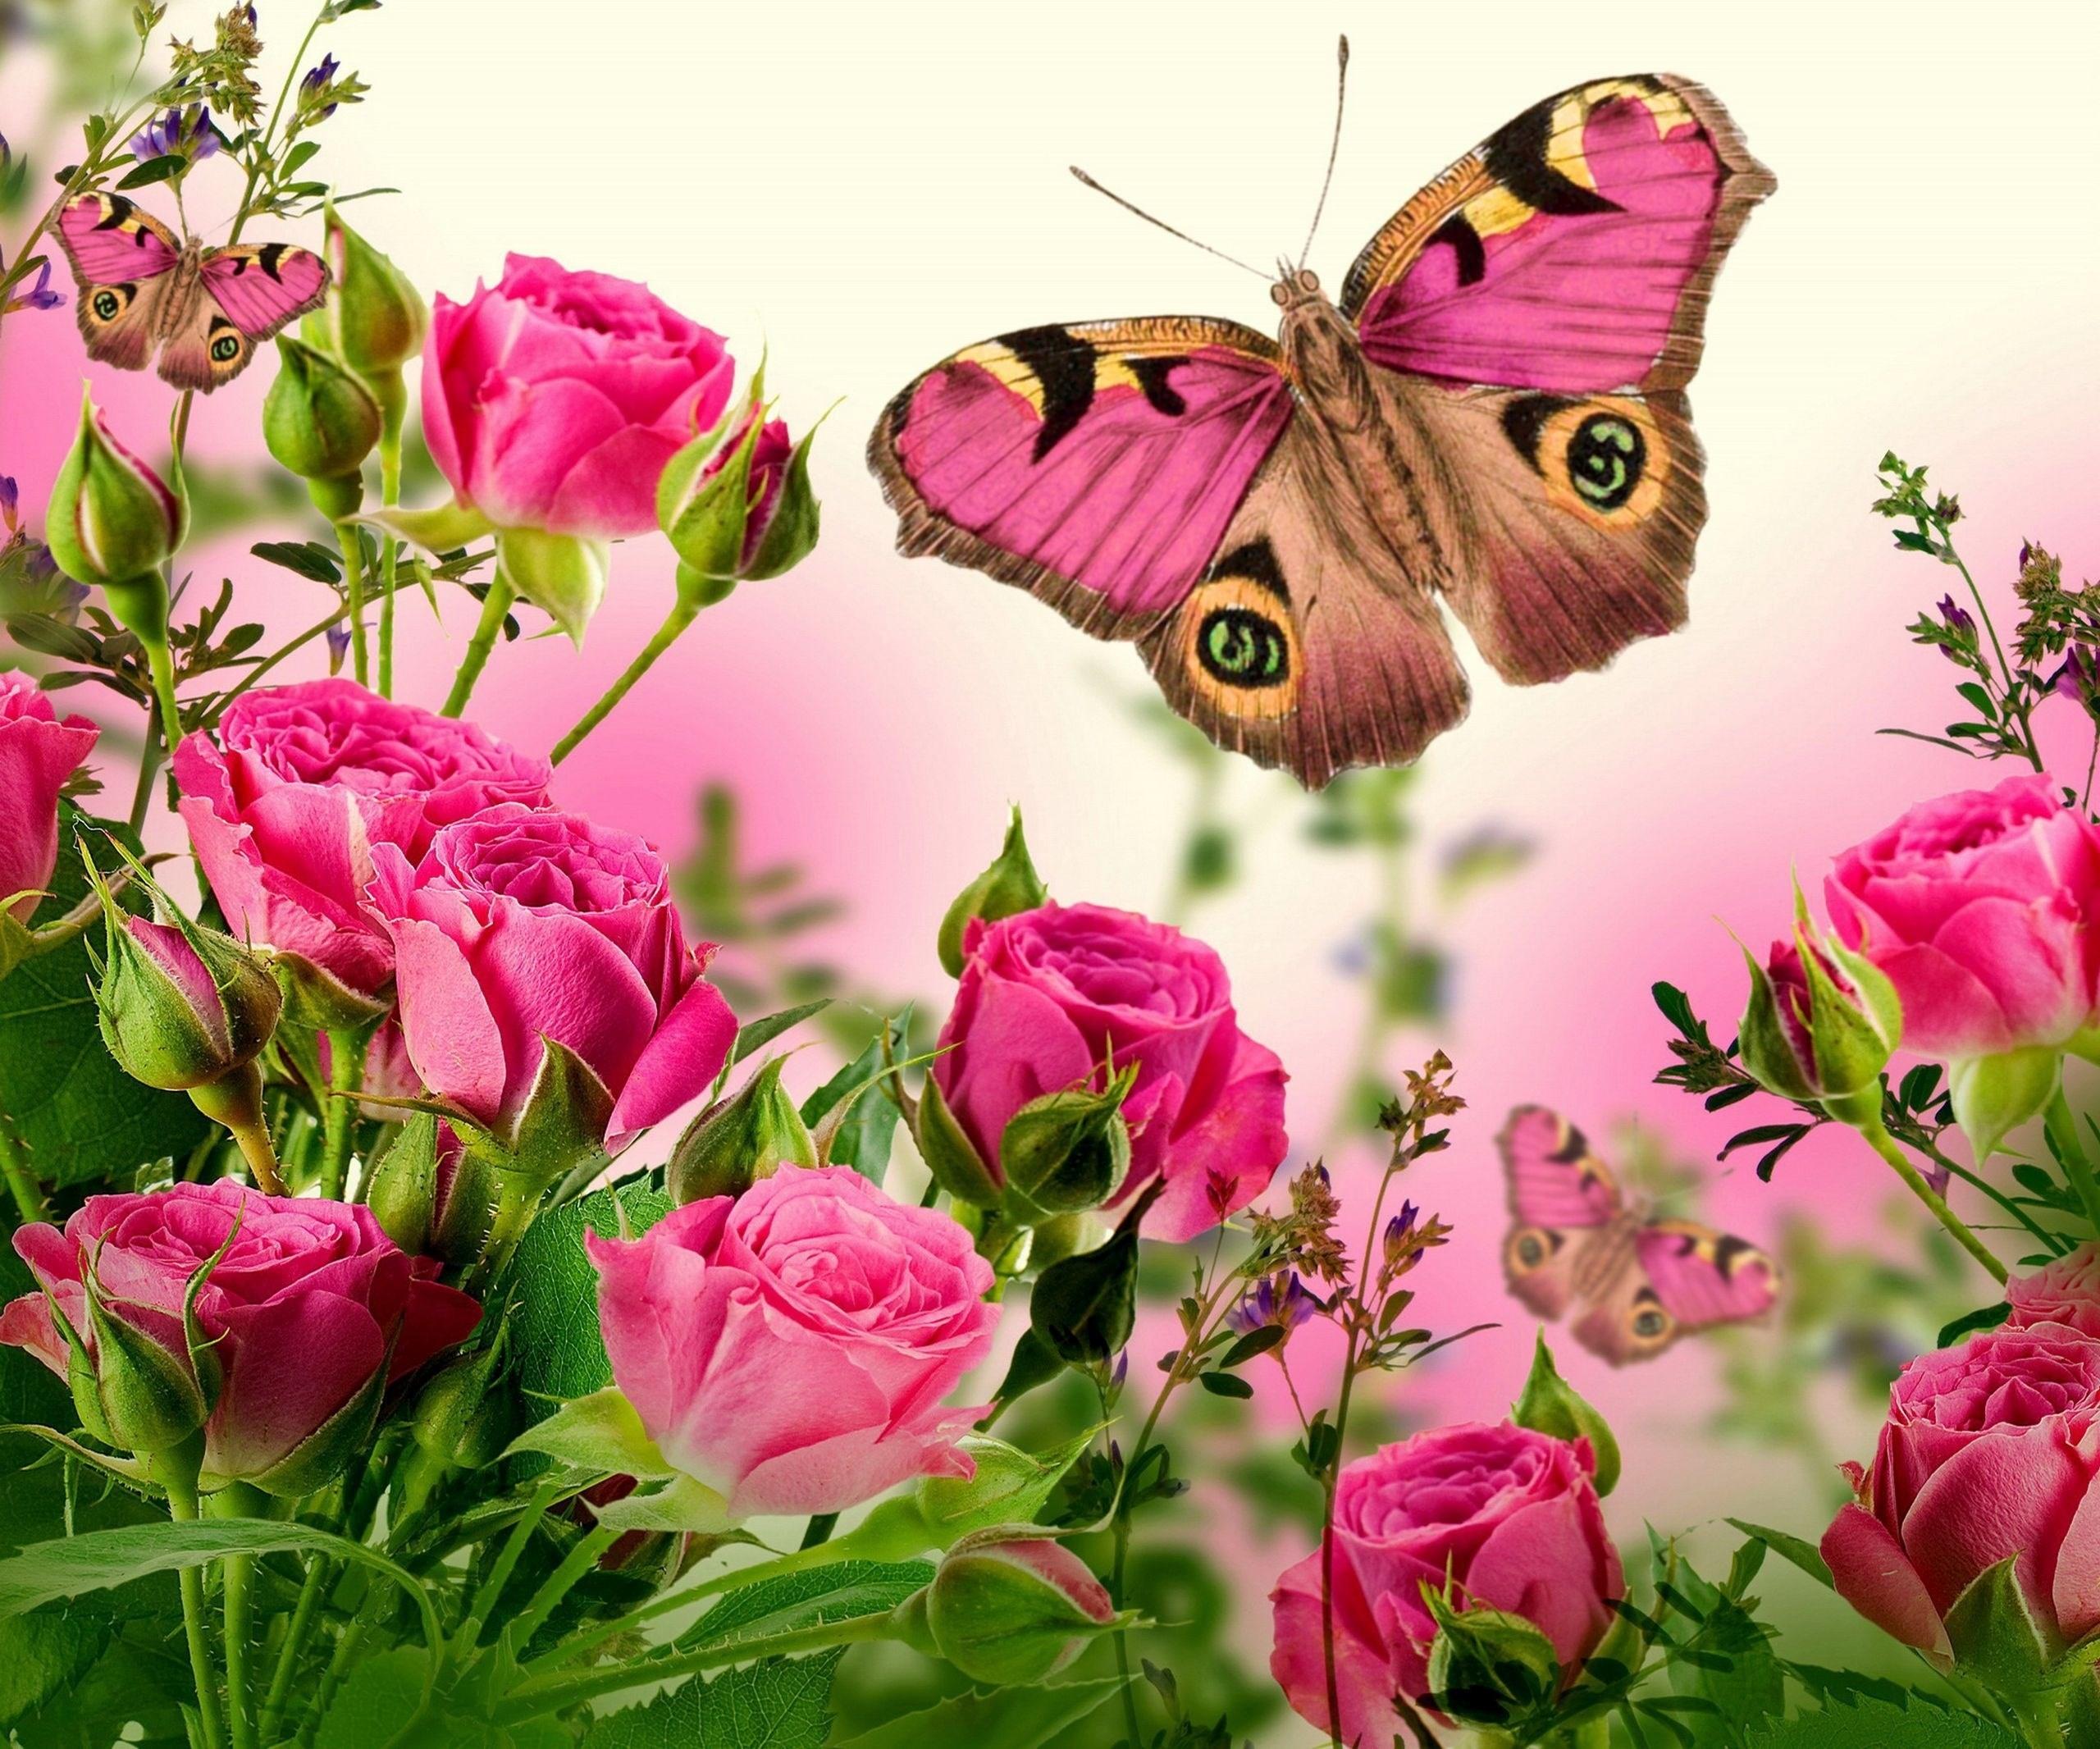 Rose Screensavers Wallpaper (46+ images)